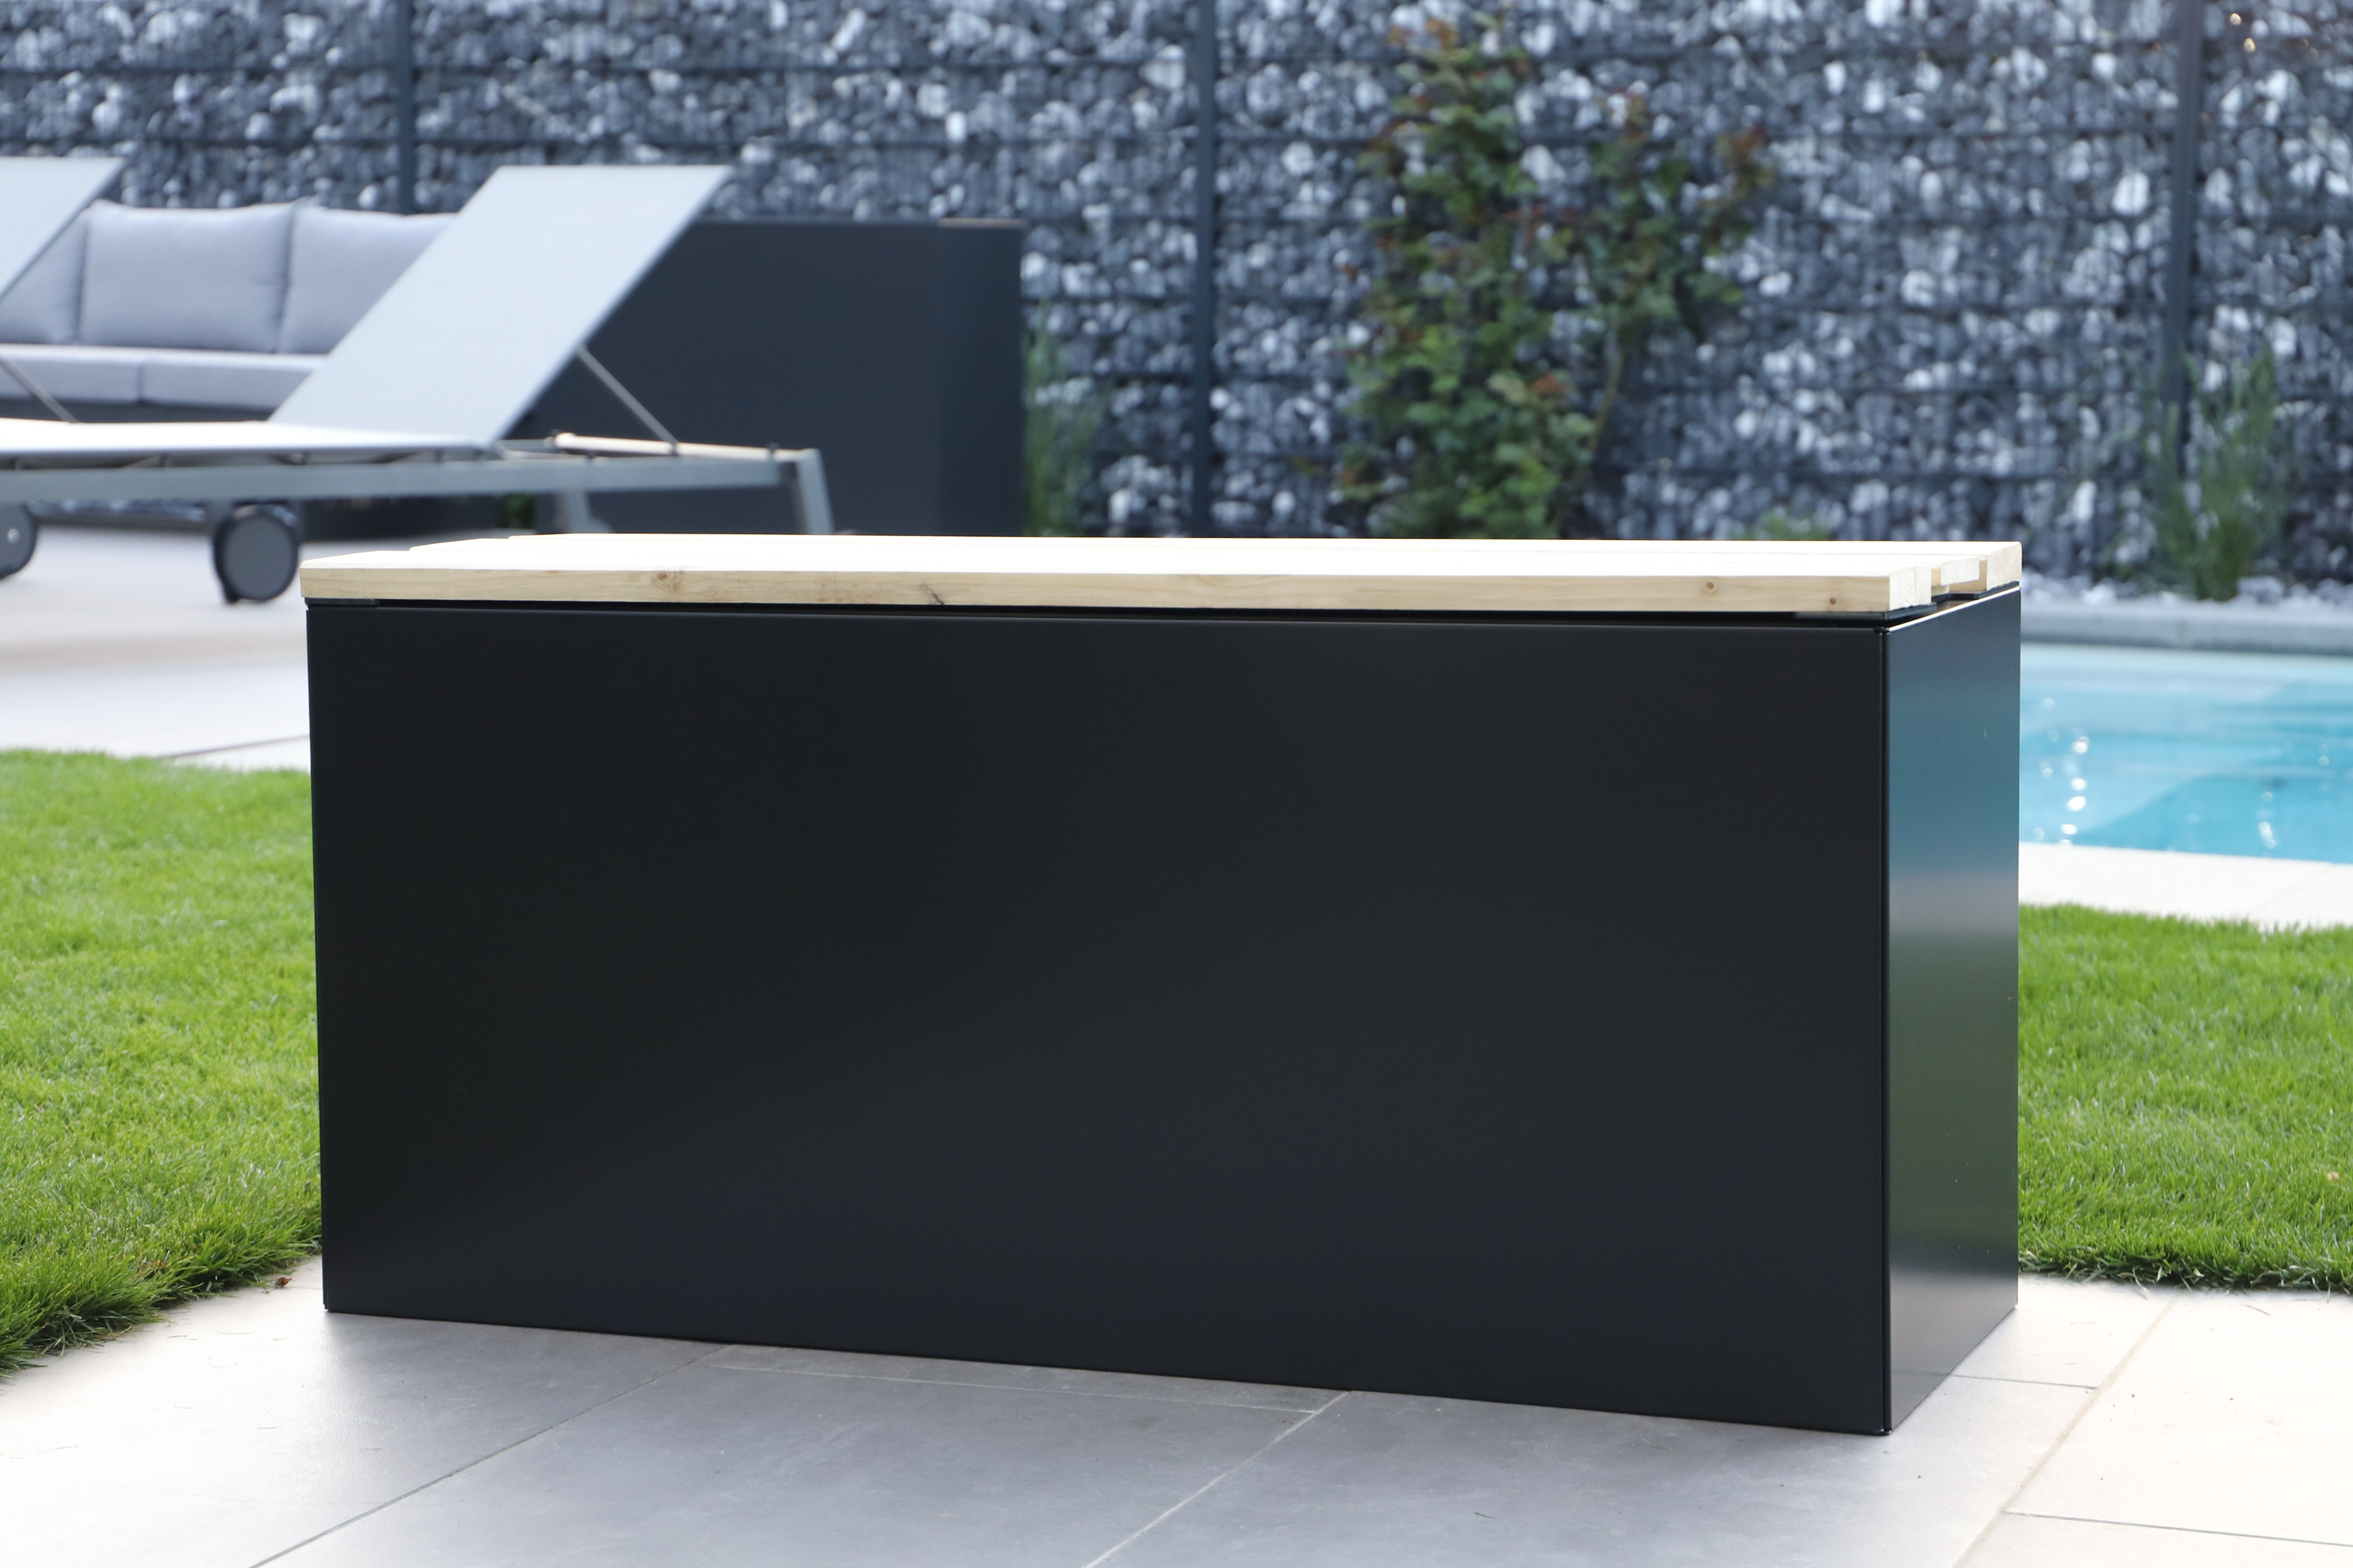 Panchina N°3 | L1125 x B400 x H500 cm